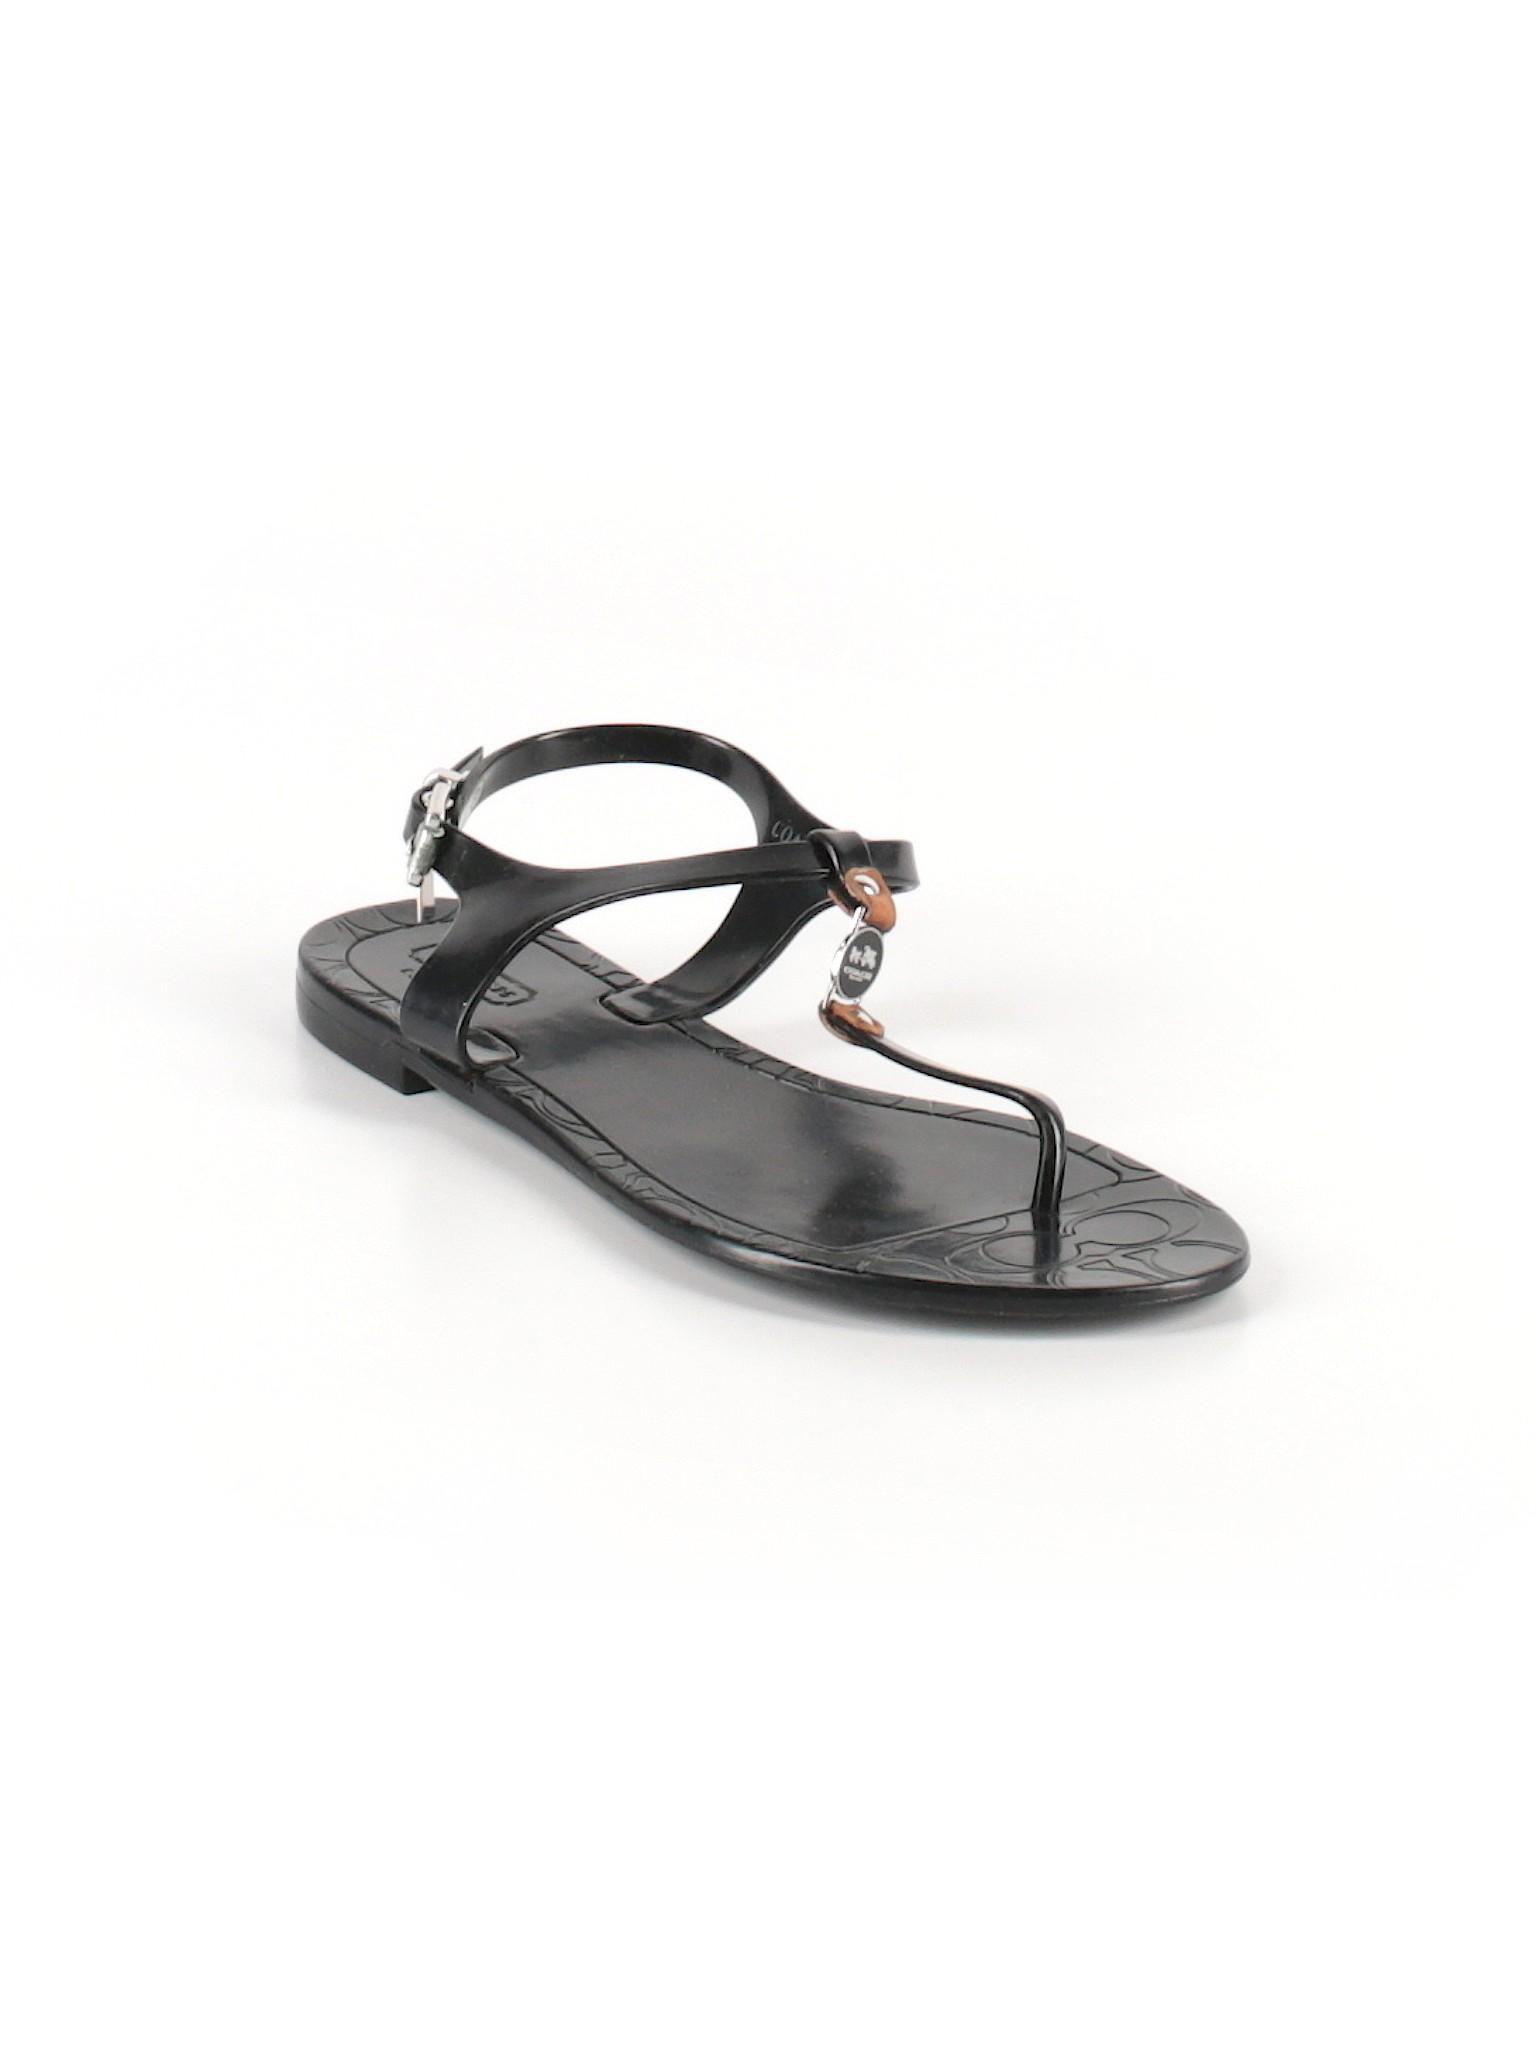 Coach Sandals Coach promotion Sandals Boutique Boutique Boutique promotion fwzqPzO